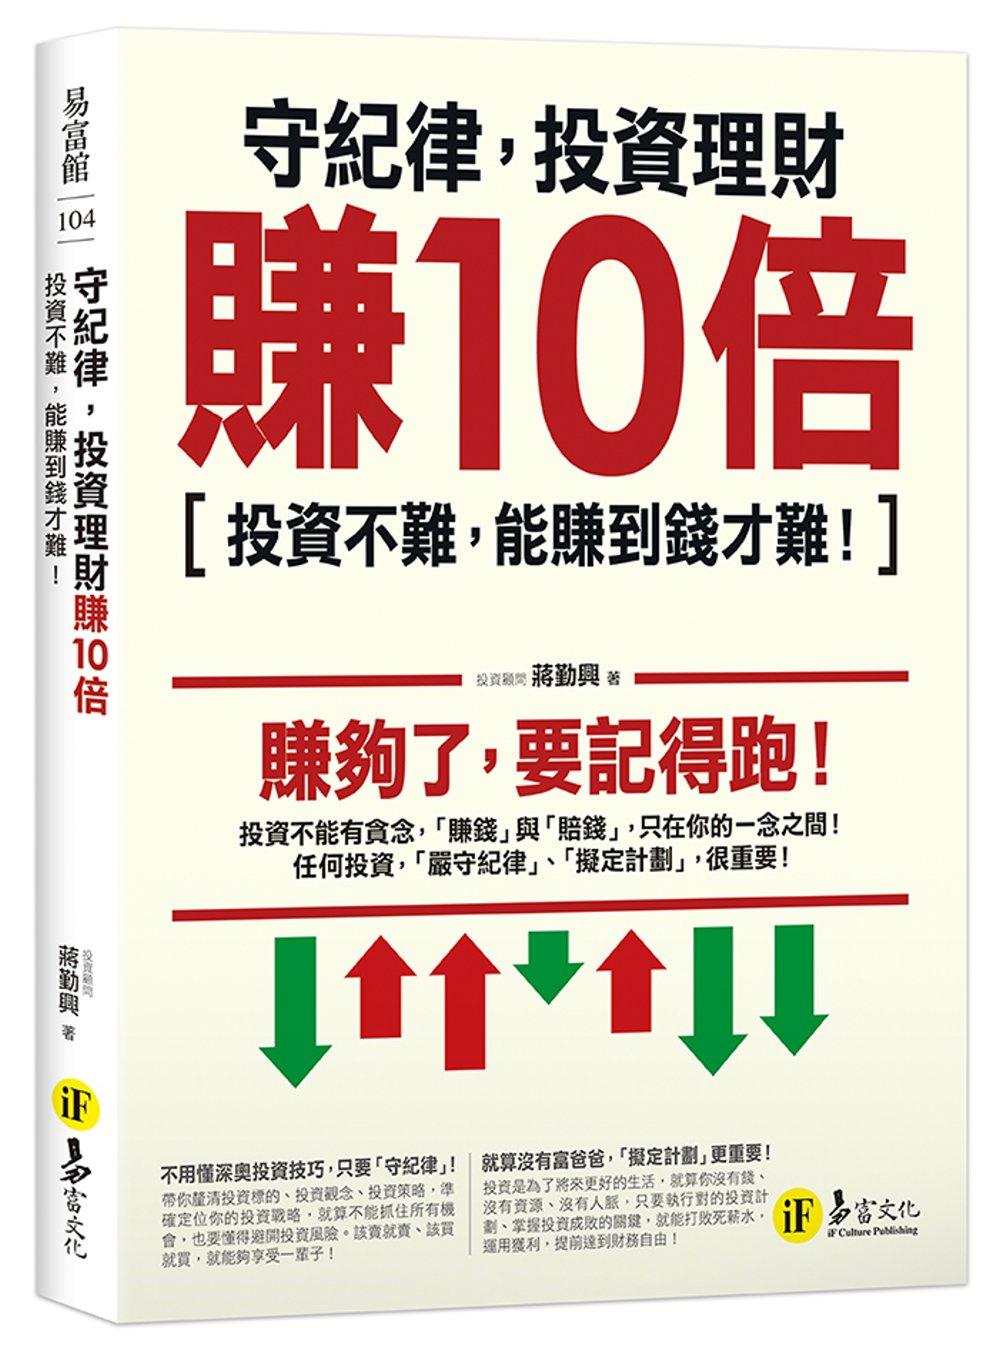 守紀律,投資理財賺10倍:投資不難,能賺到錢才難!